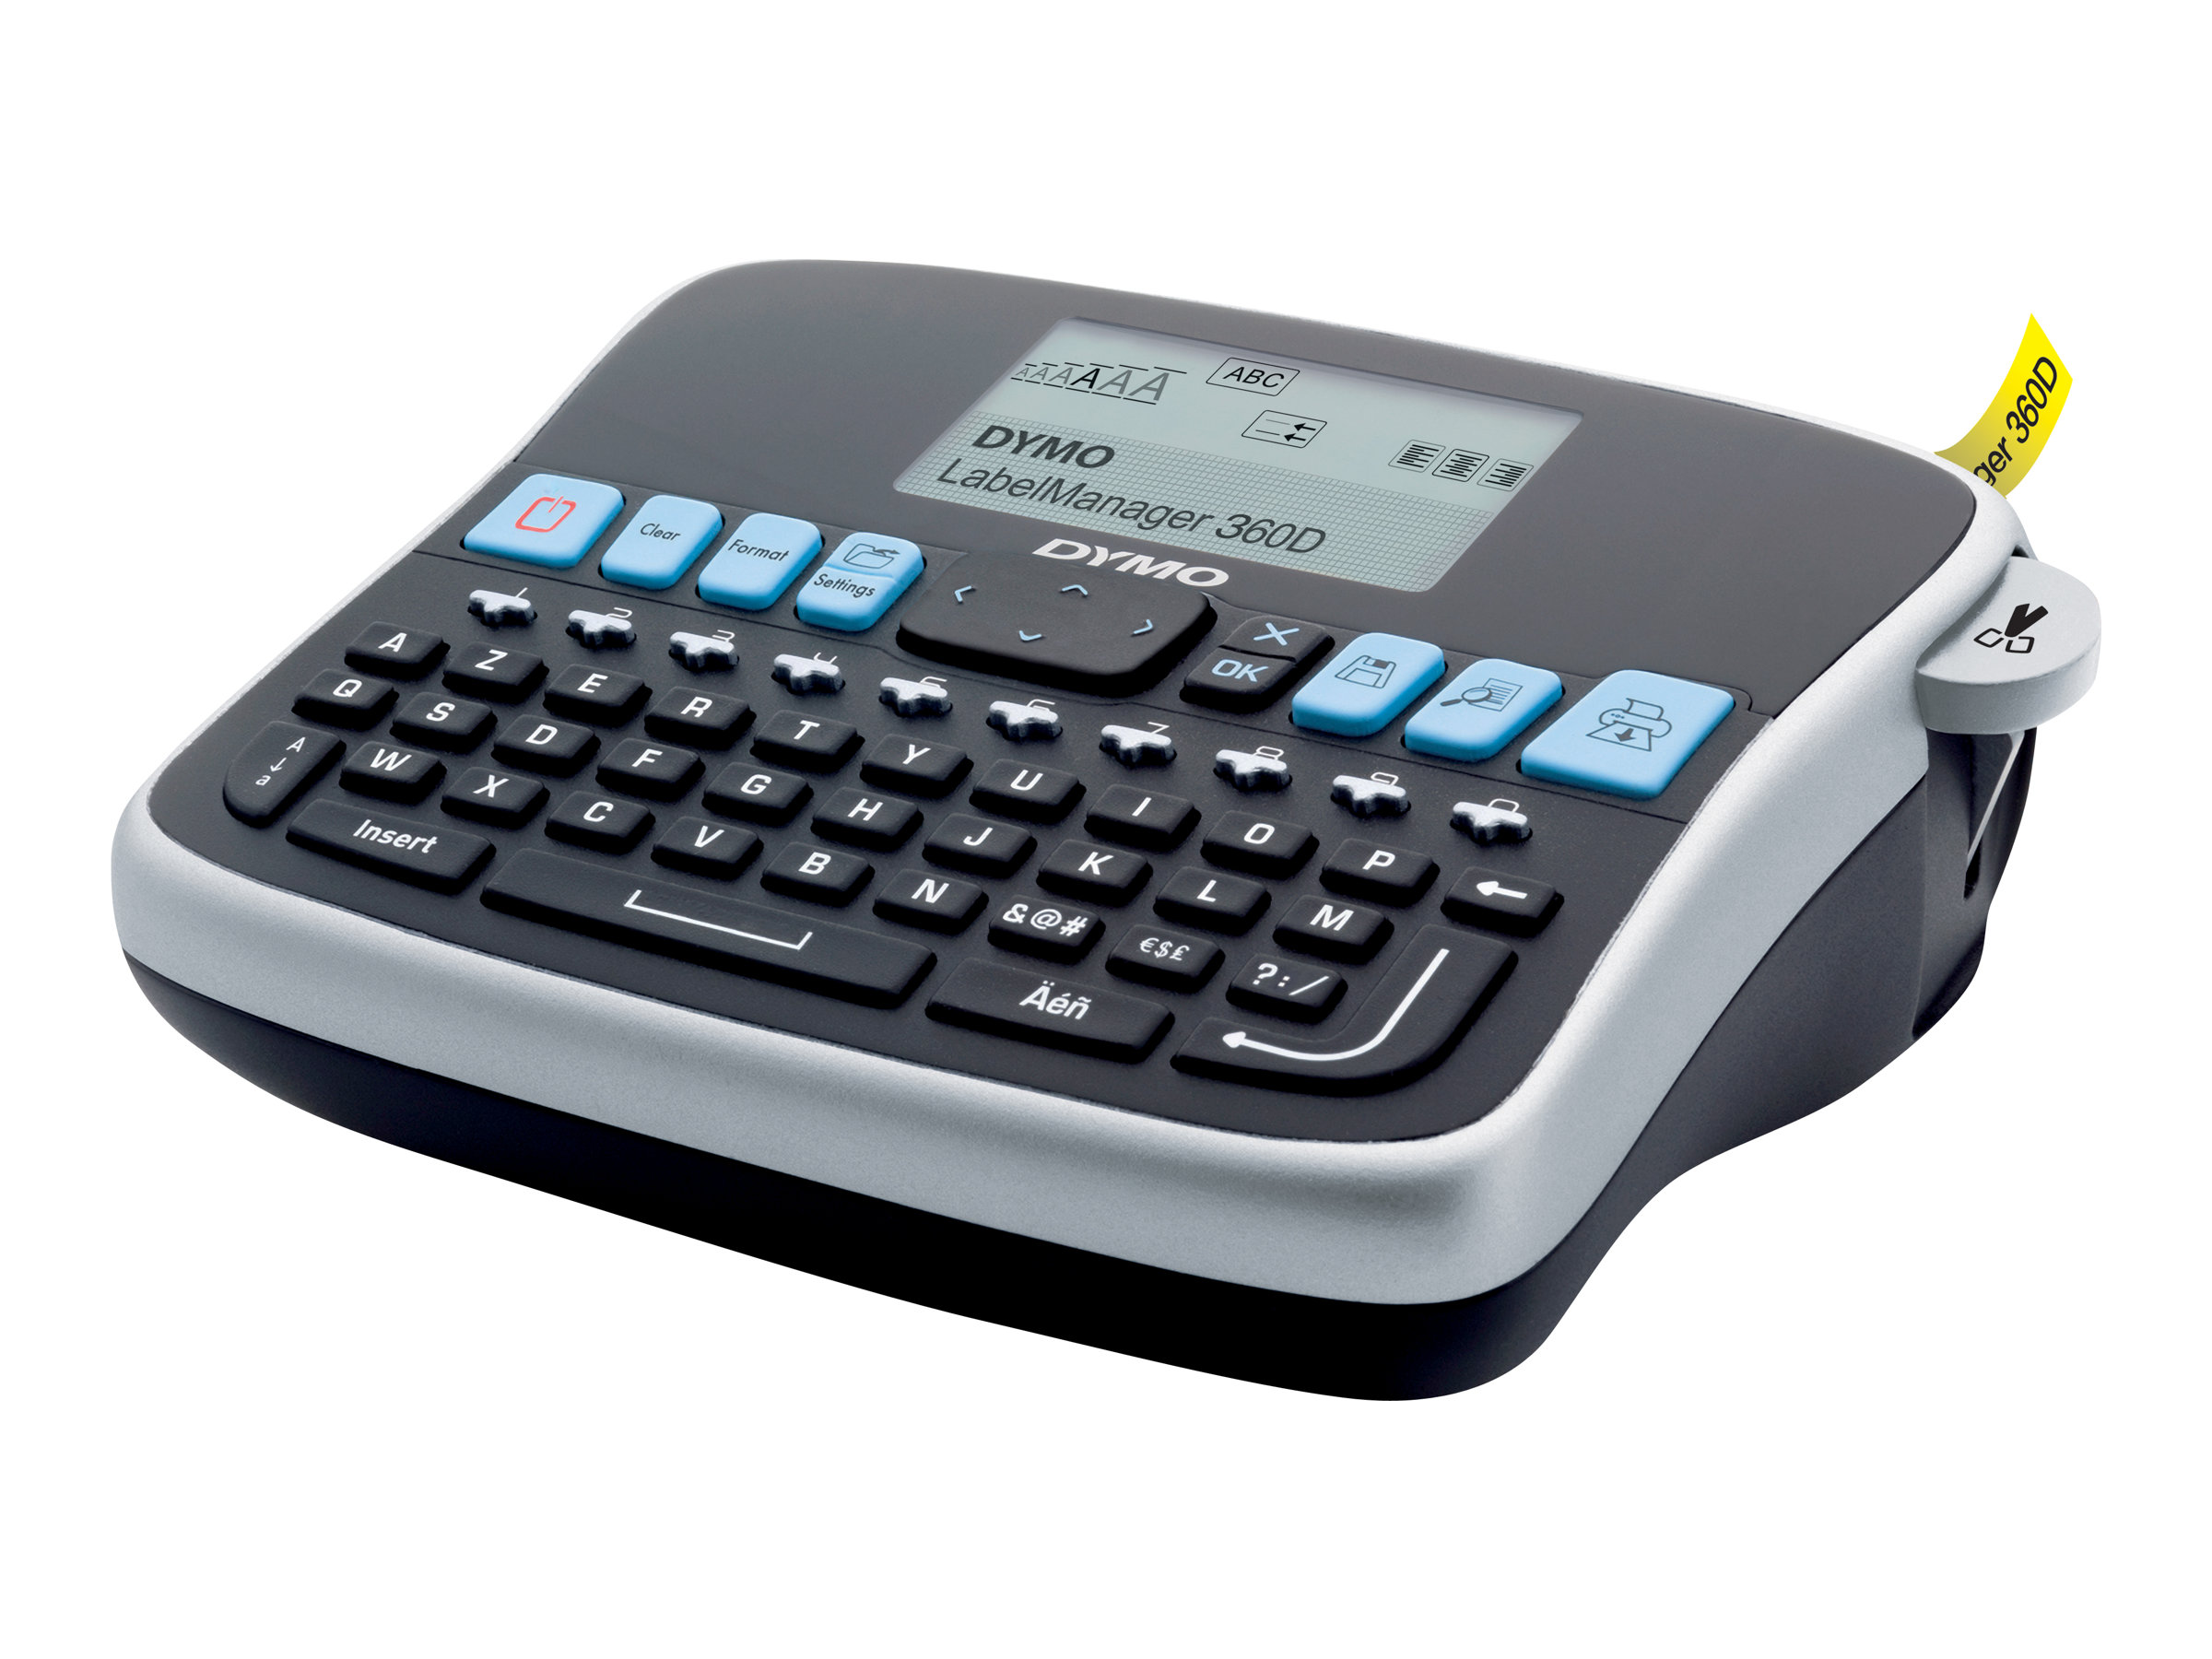 Dymo LabelManager 360D  -  Étiqueteuse  - imprimante d'étiquettes monochrome  - impression par transfert thermique